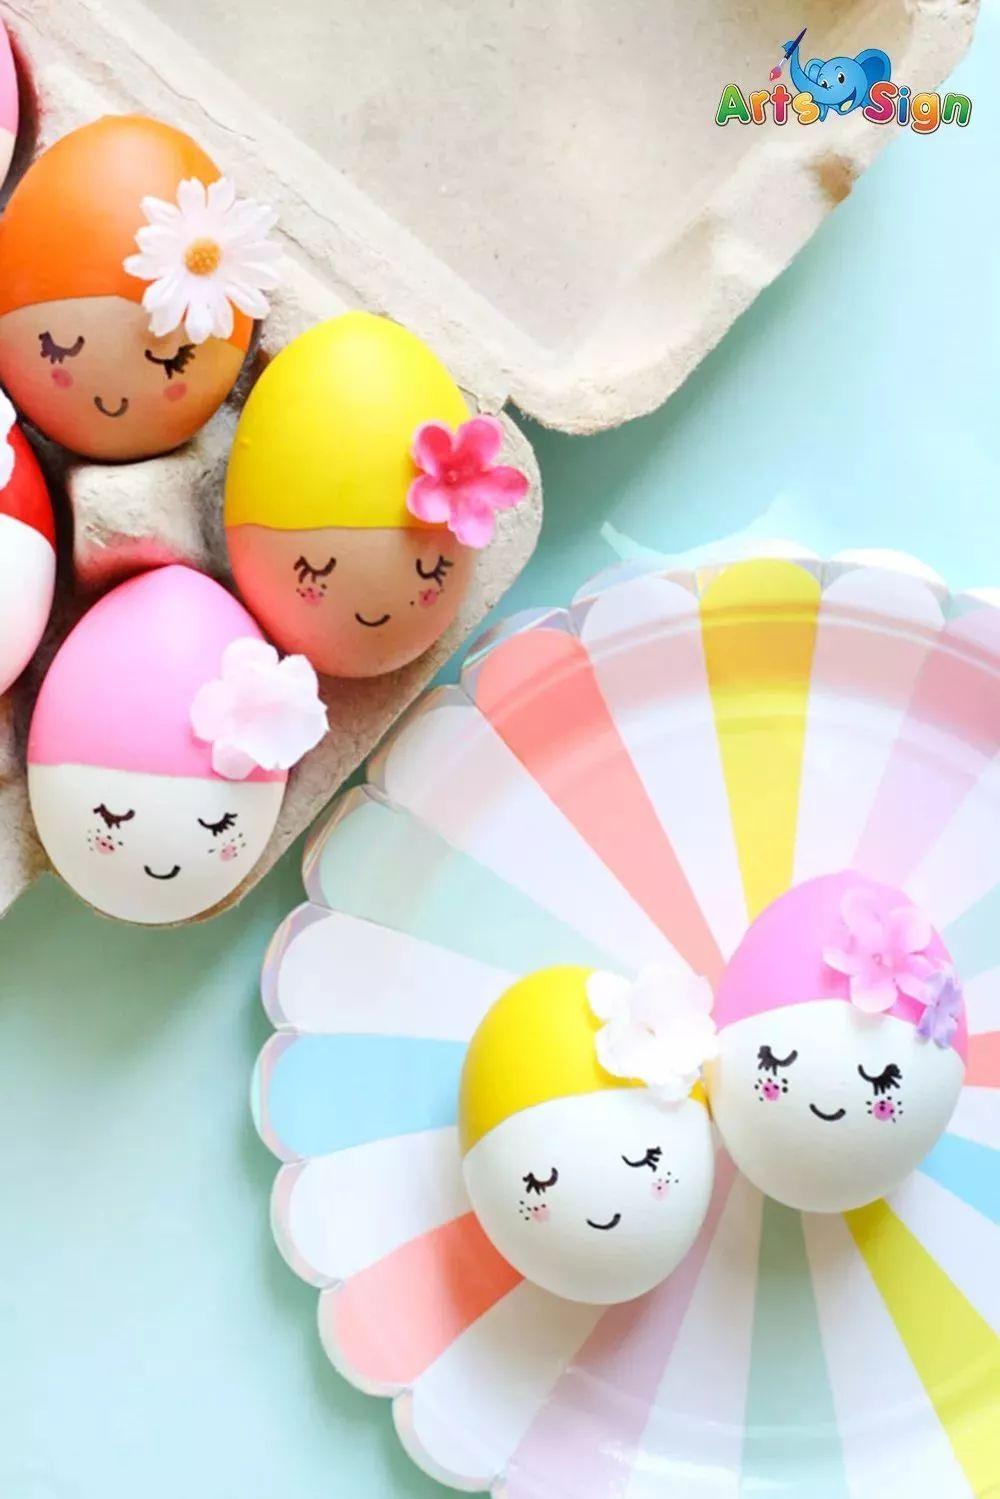 鸡蛋上画可爱表情_【艺术与生活】小画家必备的,鸡蛋艺术_气球